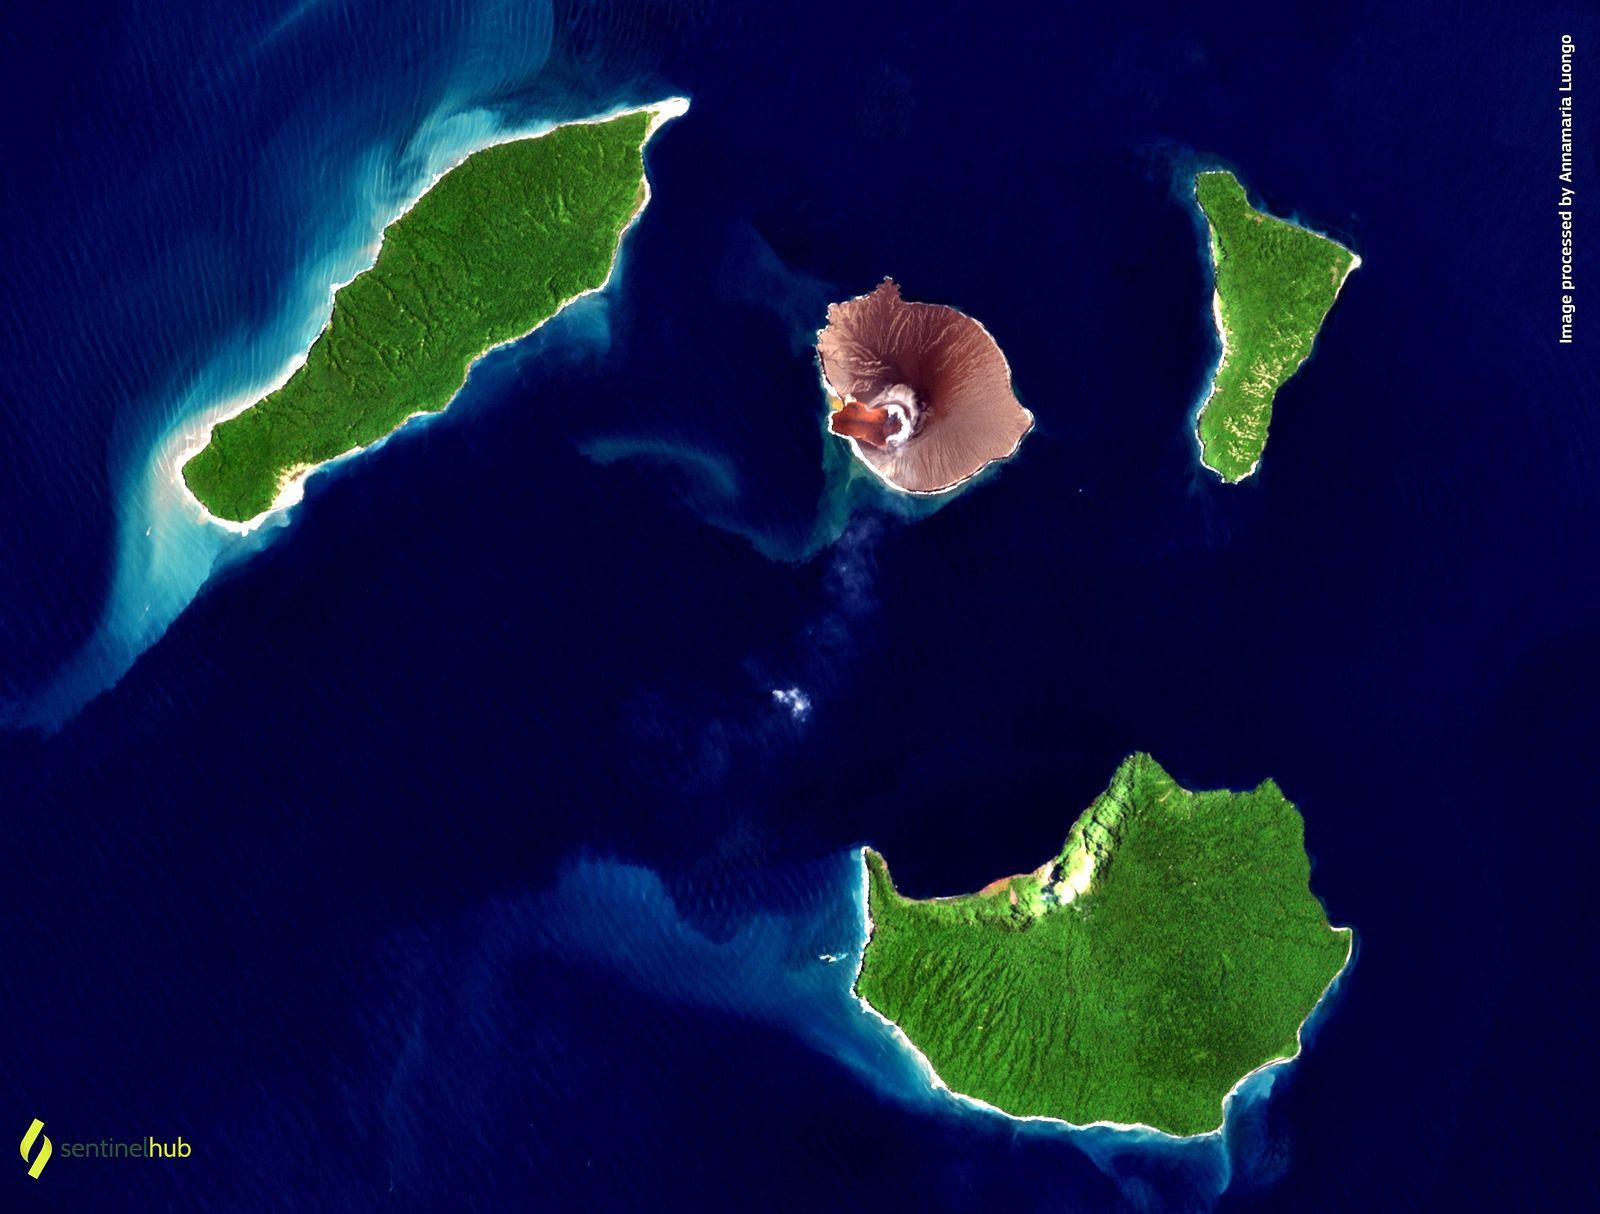 L'Anak Krakatau tire la langue -  image Eos - Sentinel Hub 05.03.2021 - A. Luongo - un clic pour agrandir